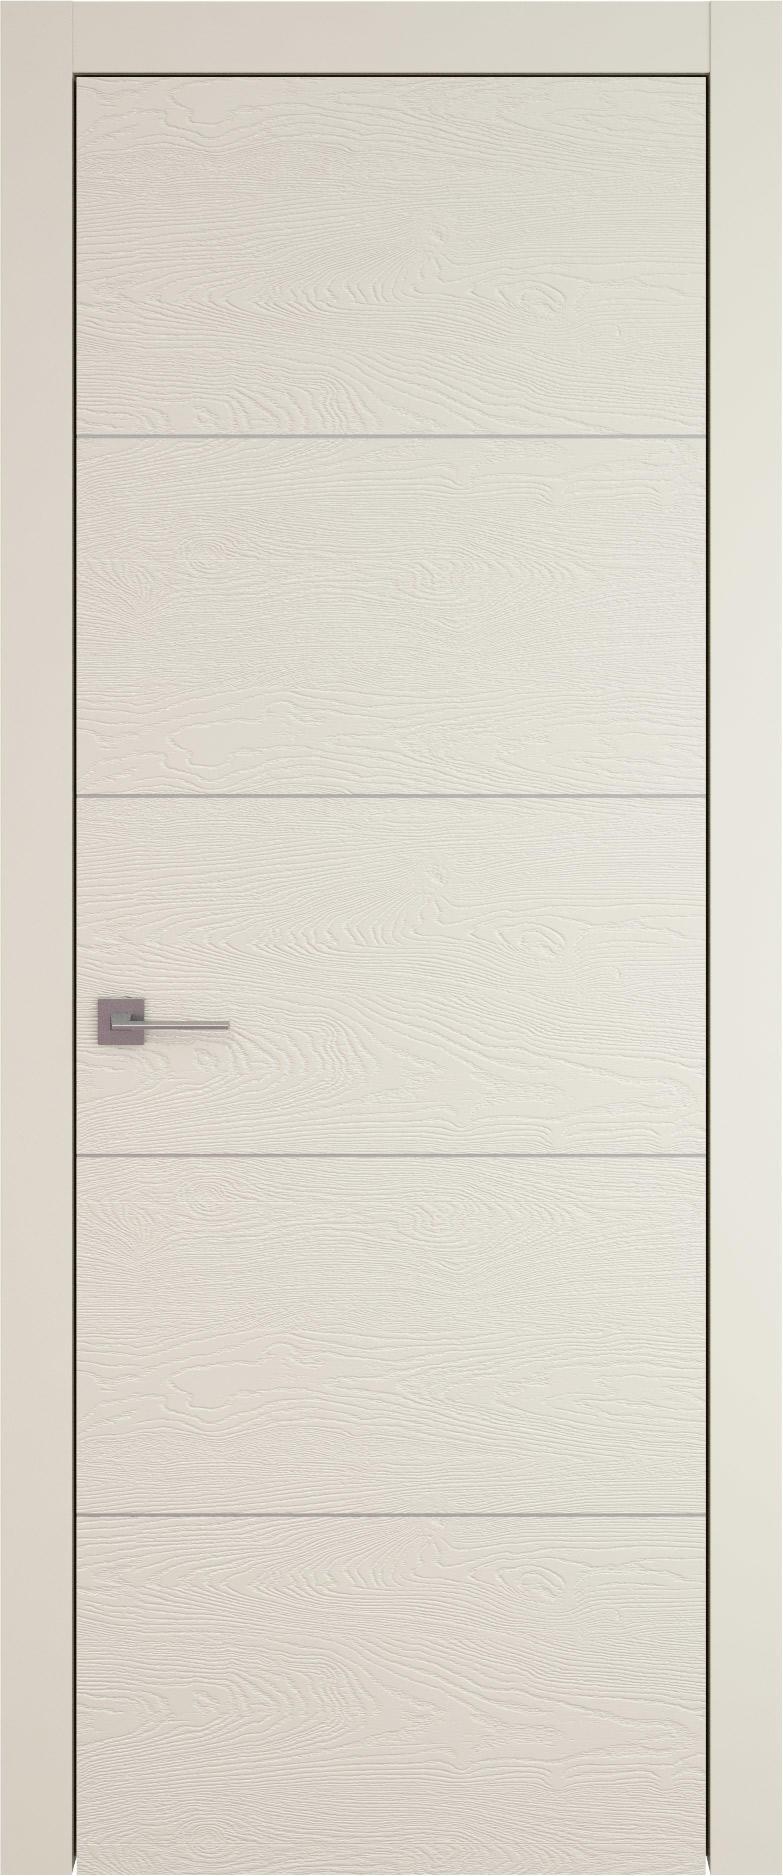 Tivoli Д-3 цвет - Жемчужная эмаль по шпону (RAL 1013) Без стекла (ДГ)